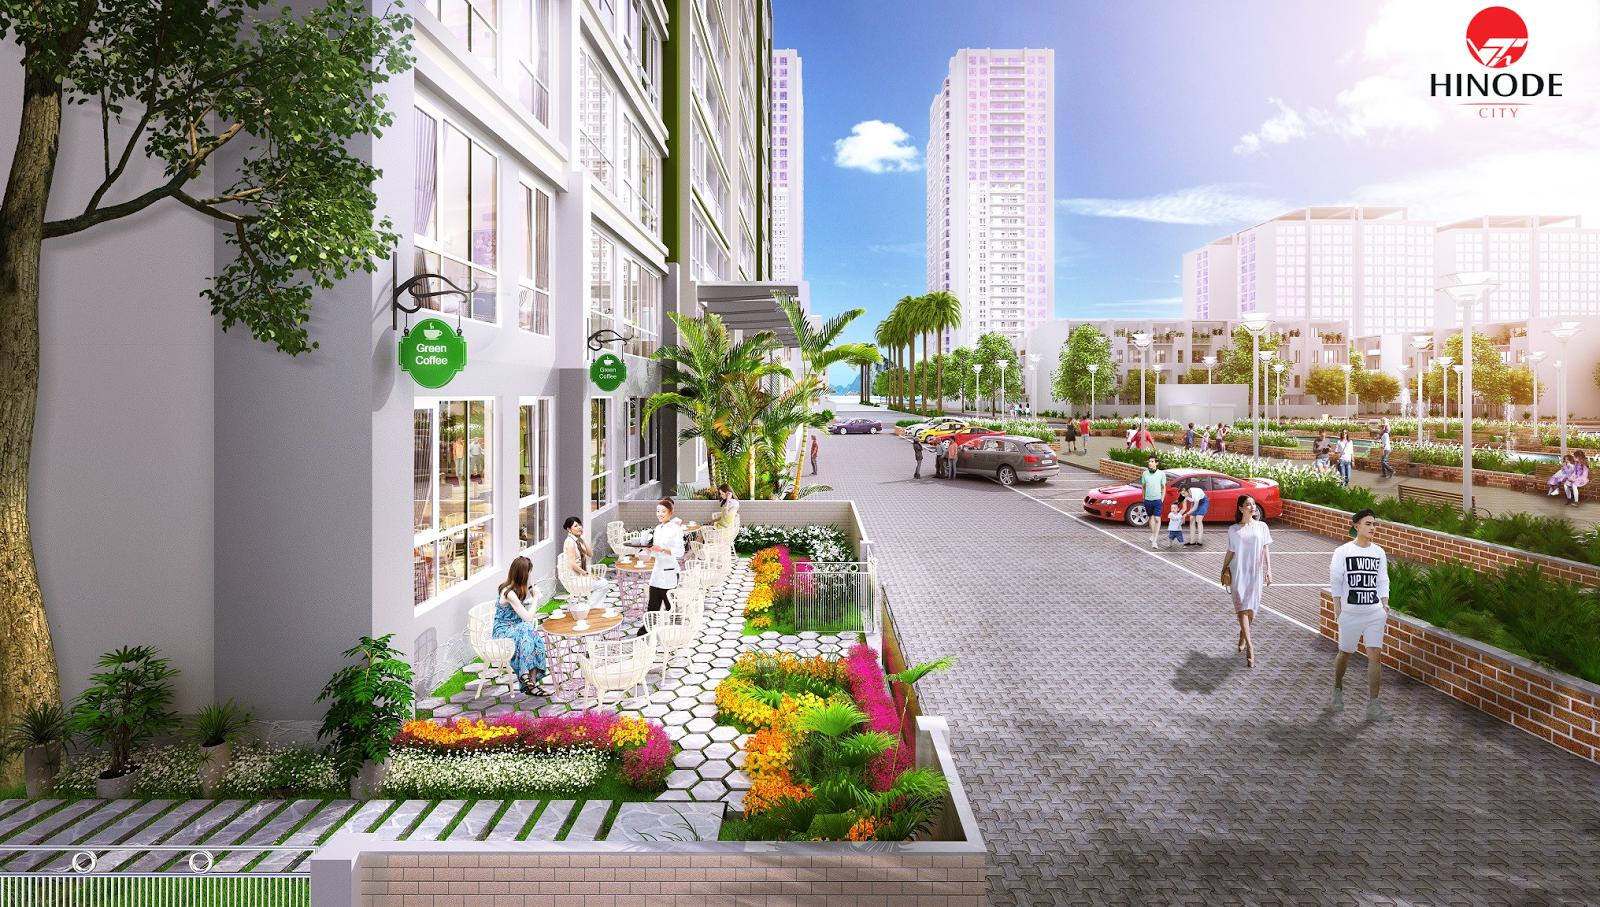 Kết quả hình ảnh cho dự án hinode city